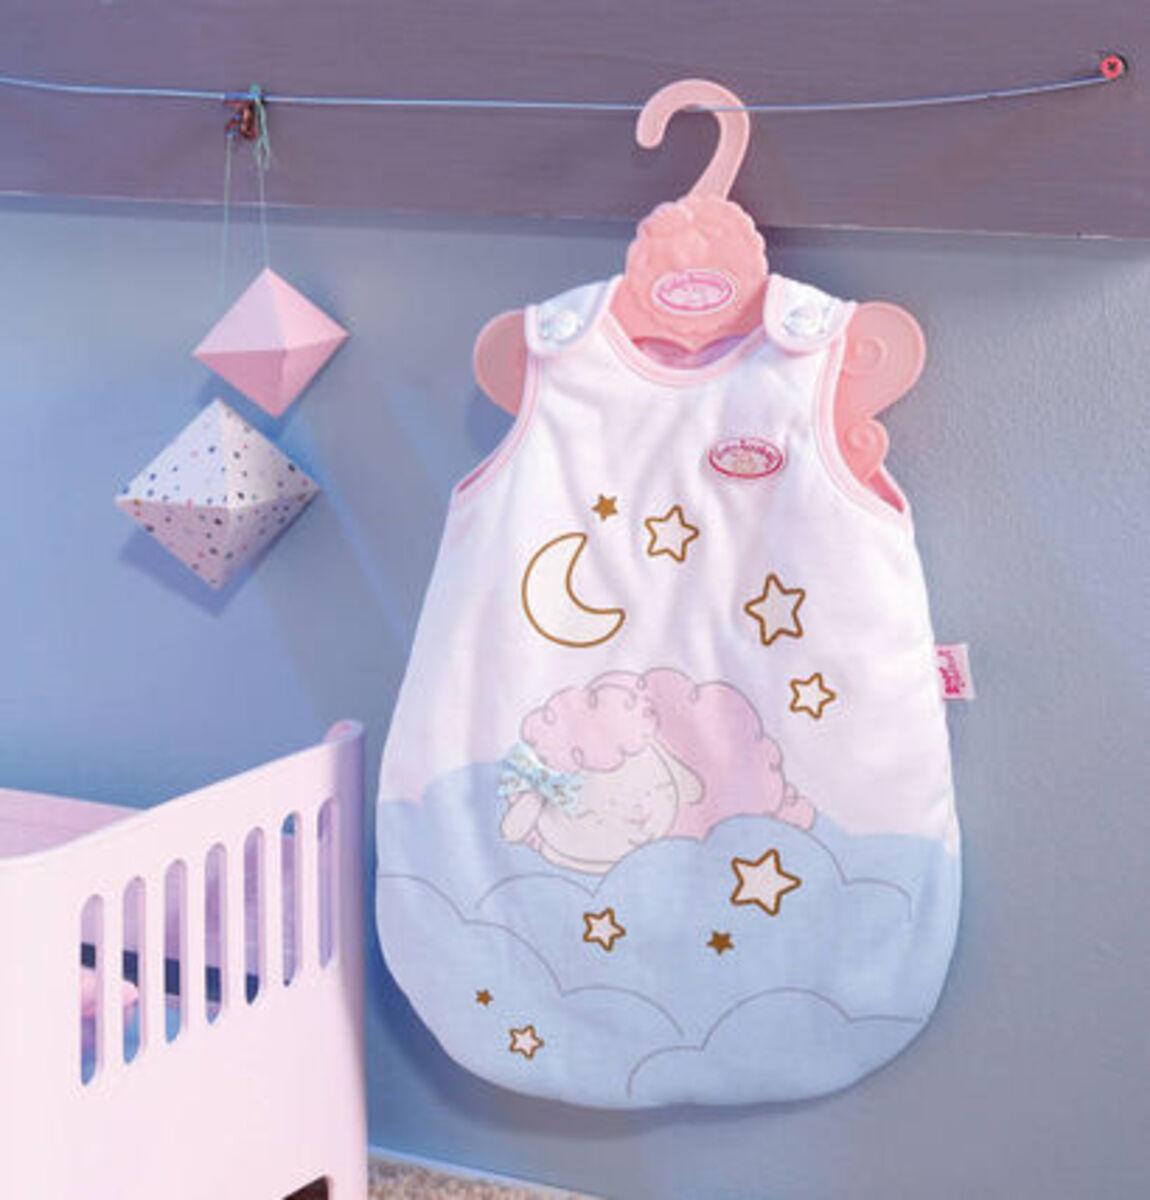 Bild 4 von Zapf Creation® Schlafsack Sweet Dreams, mehrfarbig